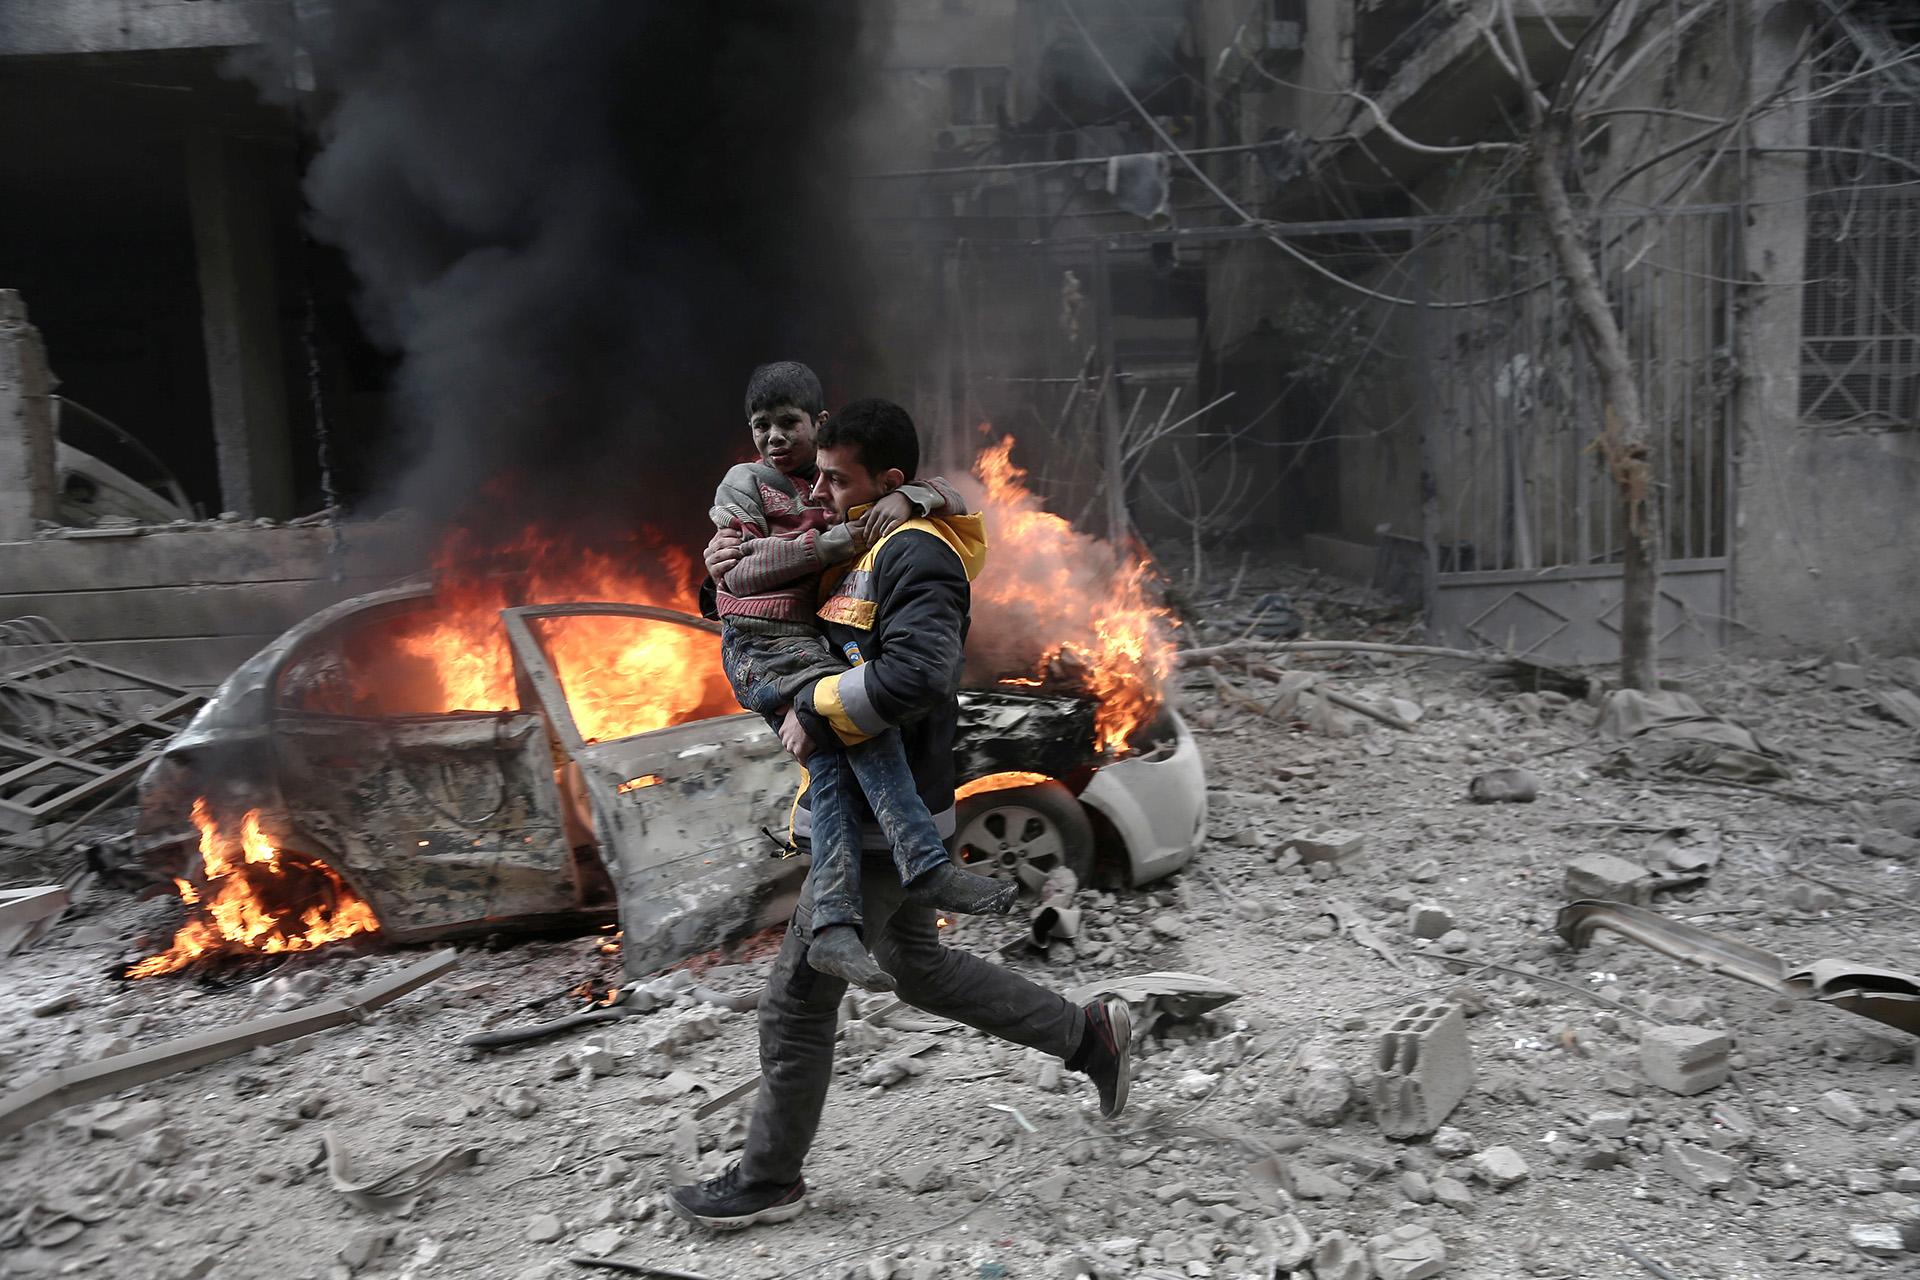 Un paramédico sirio carga a un niño herido tras un bombardeo de la Fuerza Aérea Siria en Guta Oriental el 6 de enero de 2018 (ABDULMONAM EASSA / AFP)